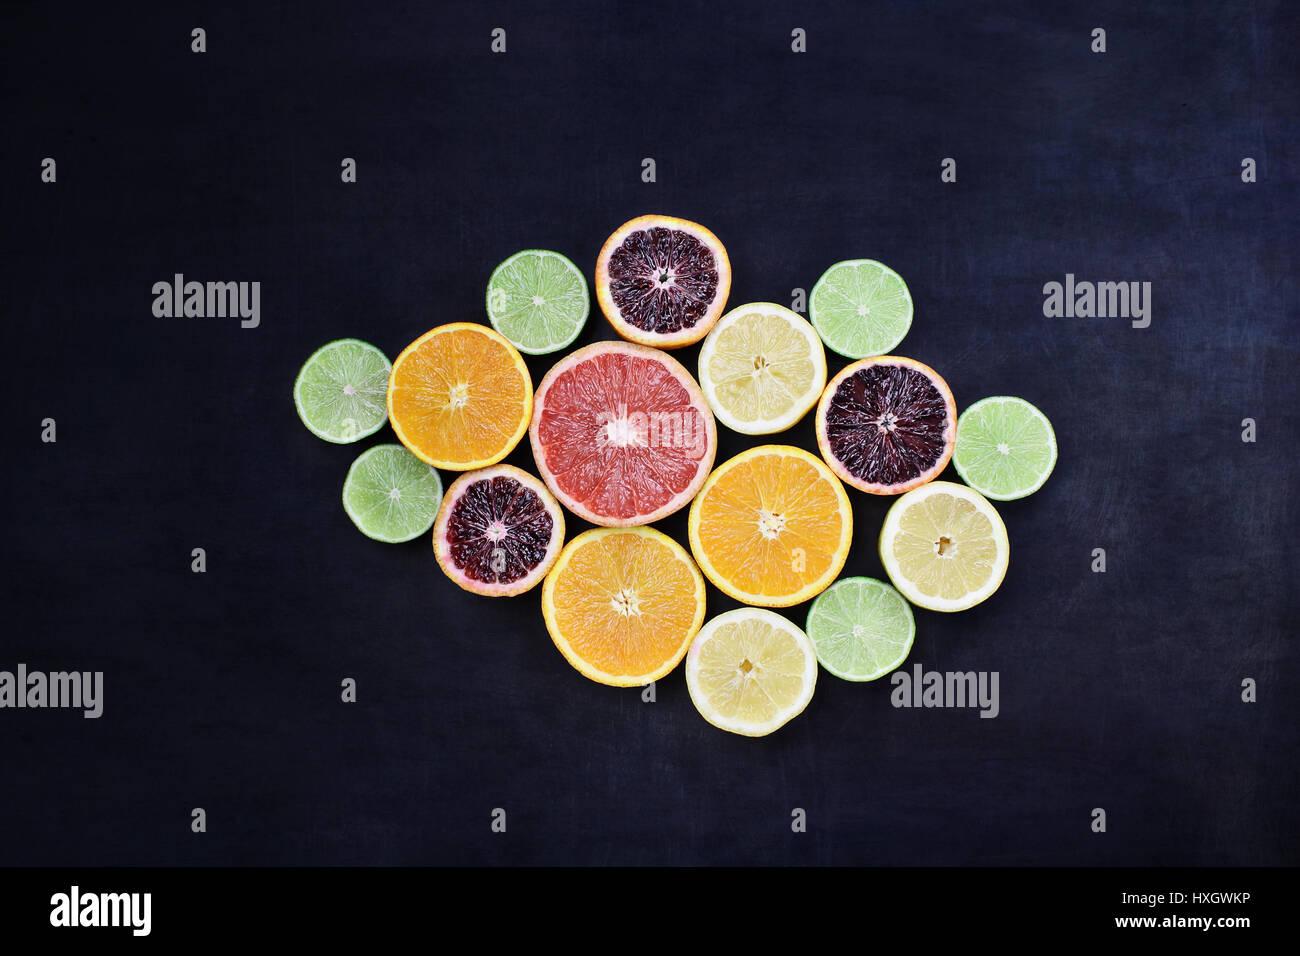 Variedad de frutas cítricas (naranja, sangre, naranjas, limones, pomelos y limas) sobre un fondo negro de estilo Foto de stock